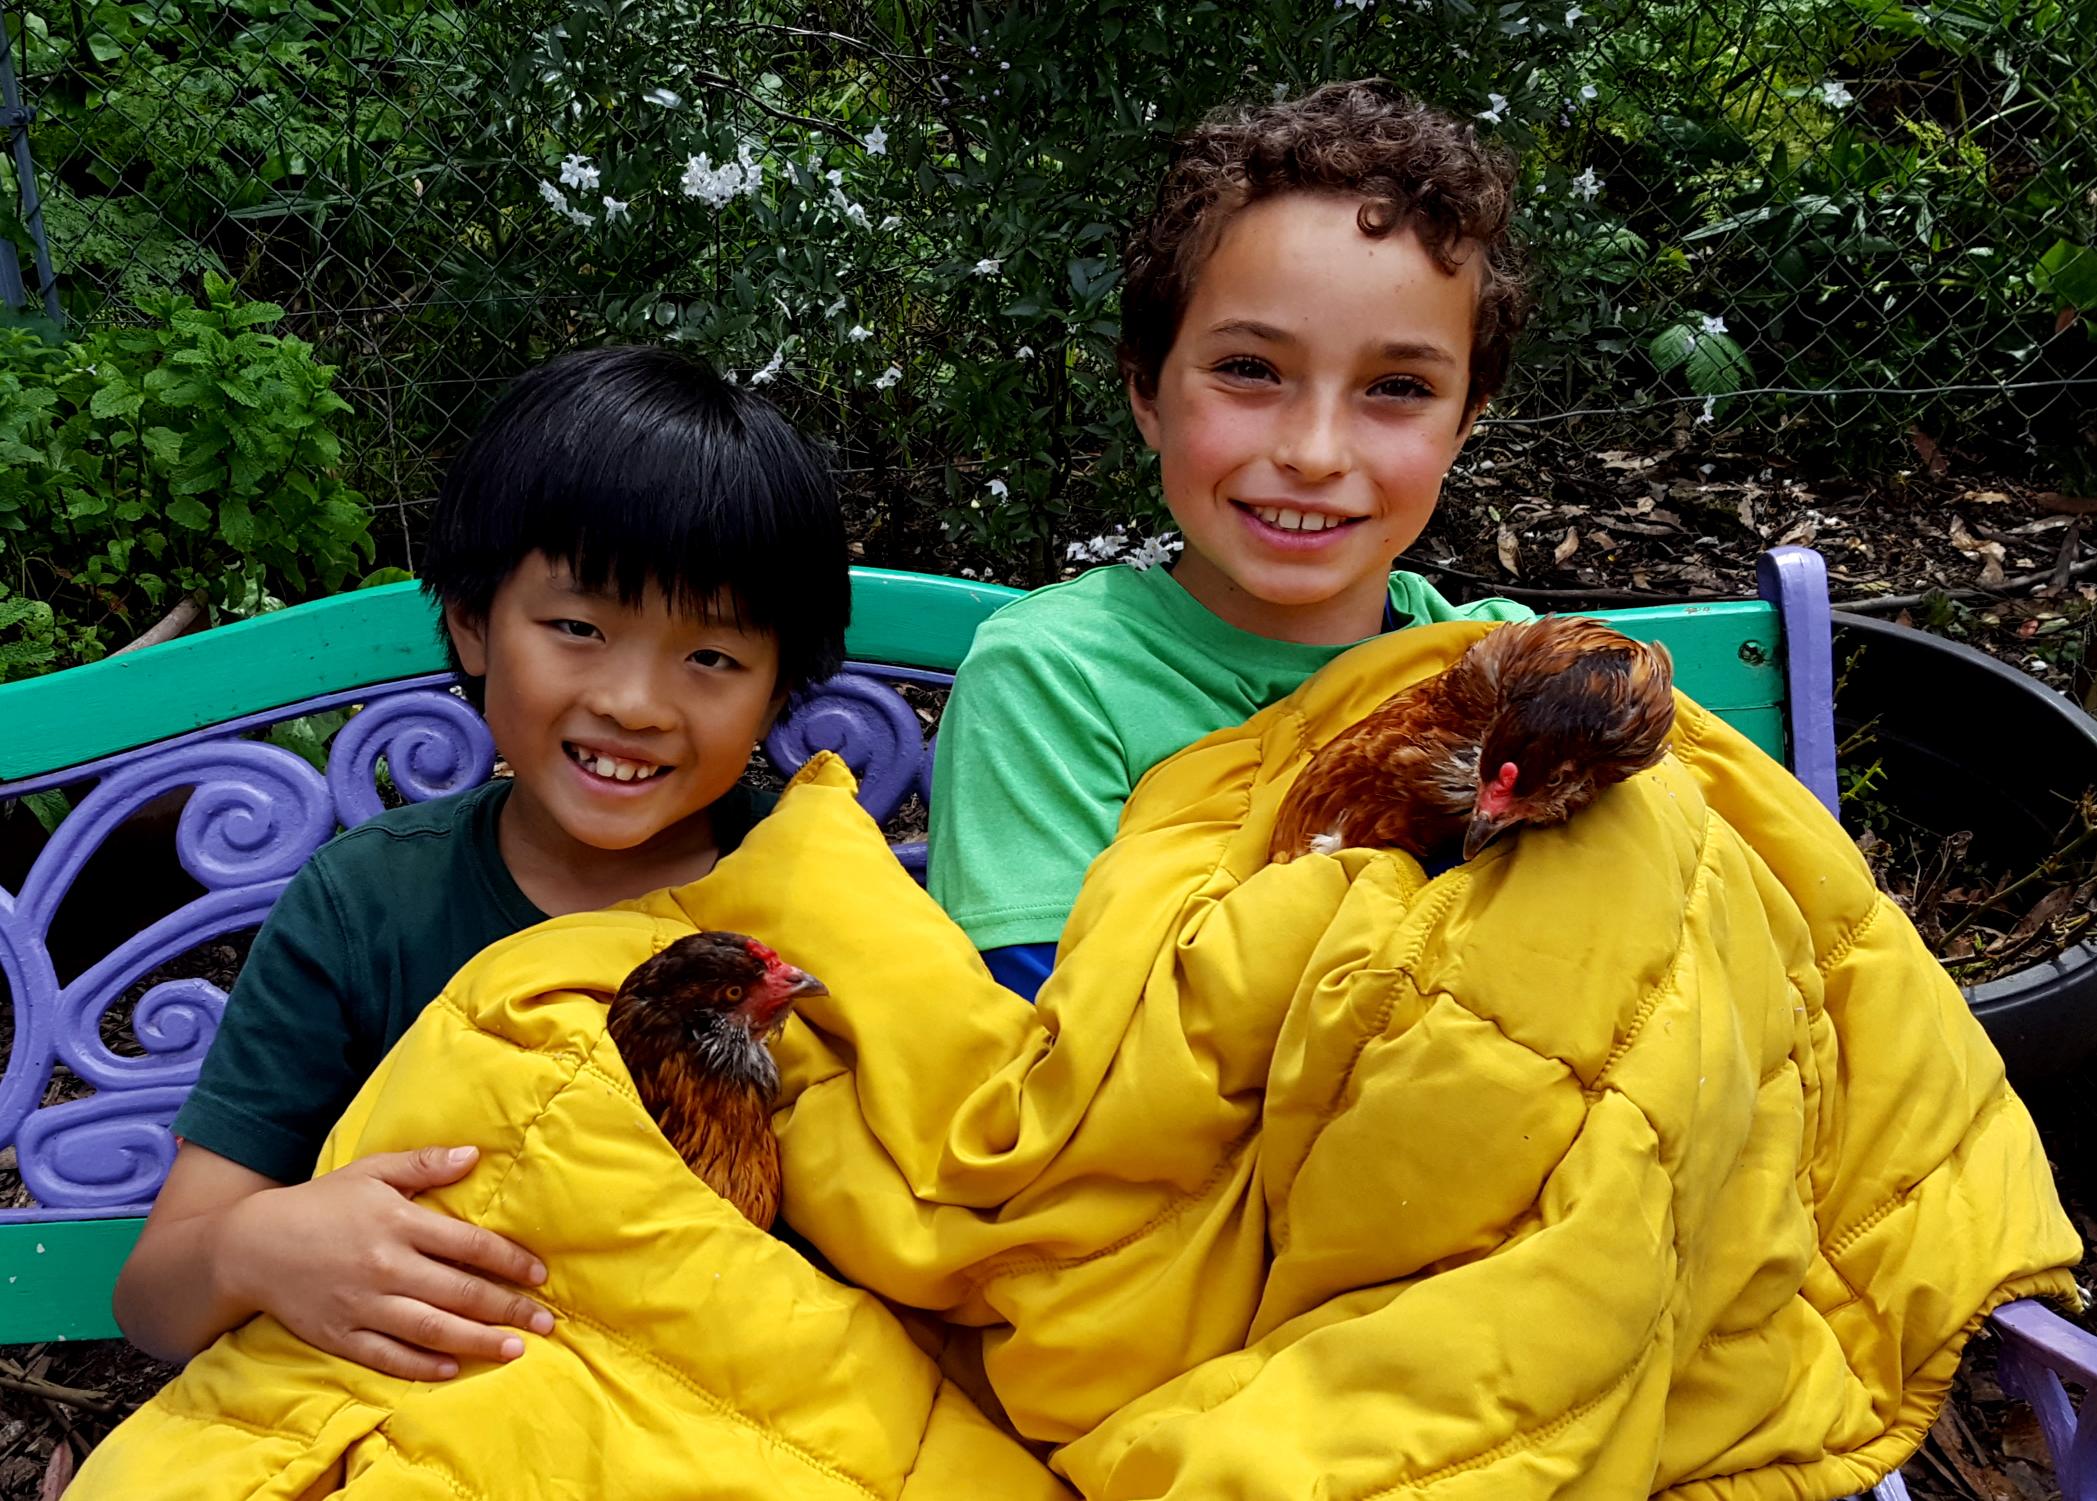 chickens_rocket_rosie_jamen_dante_630x451